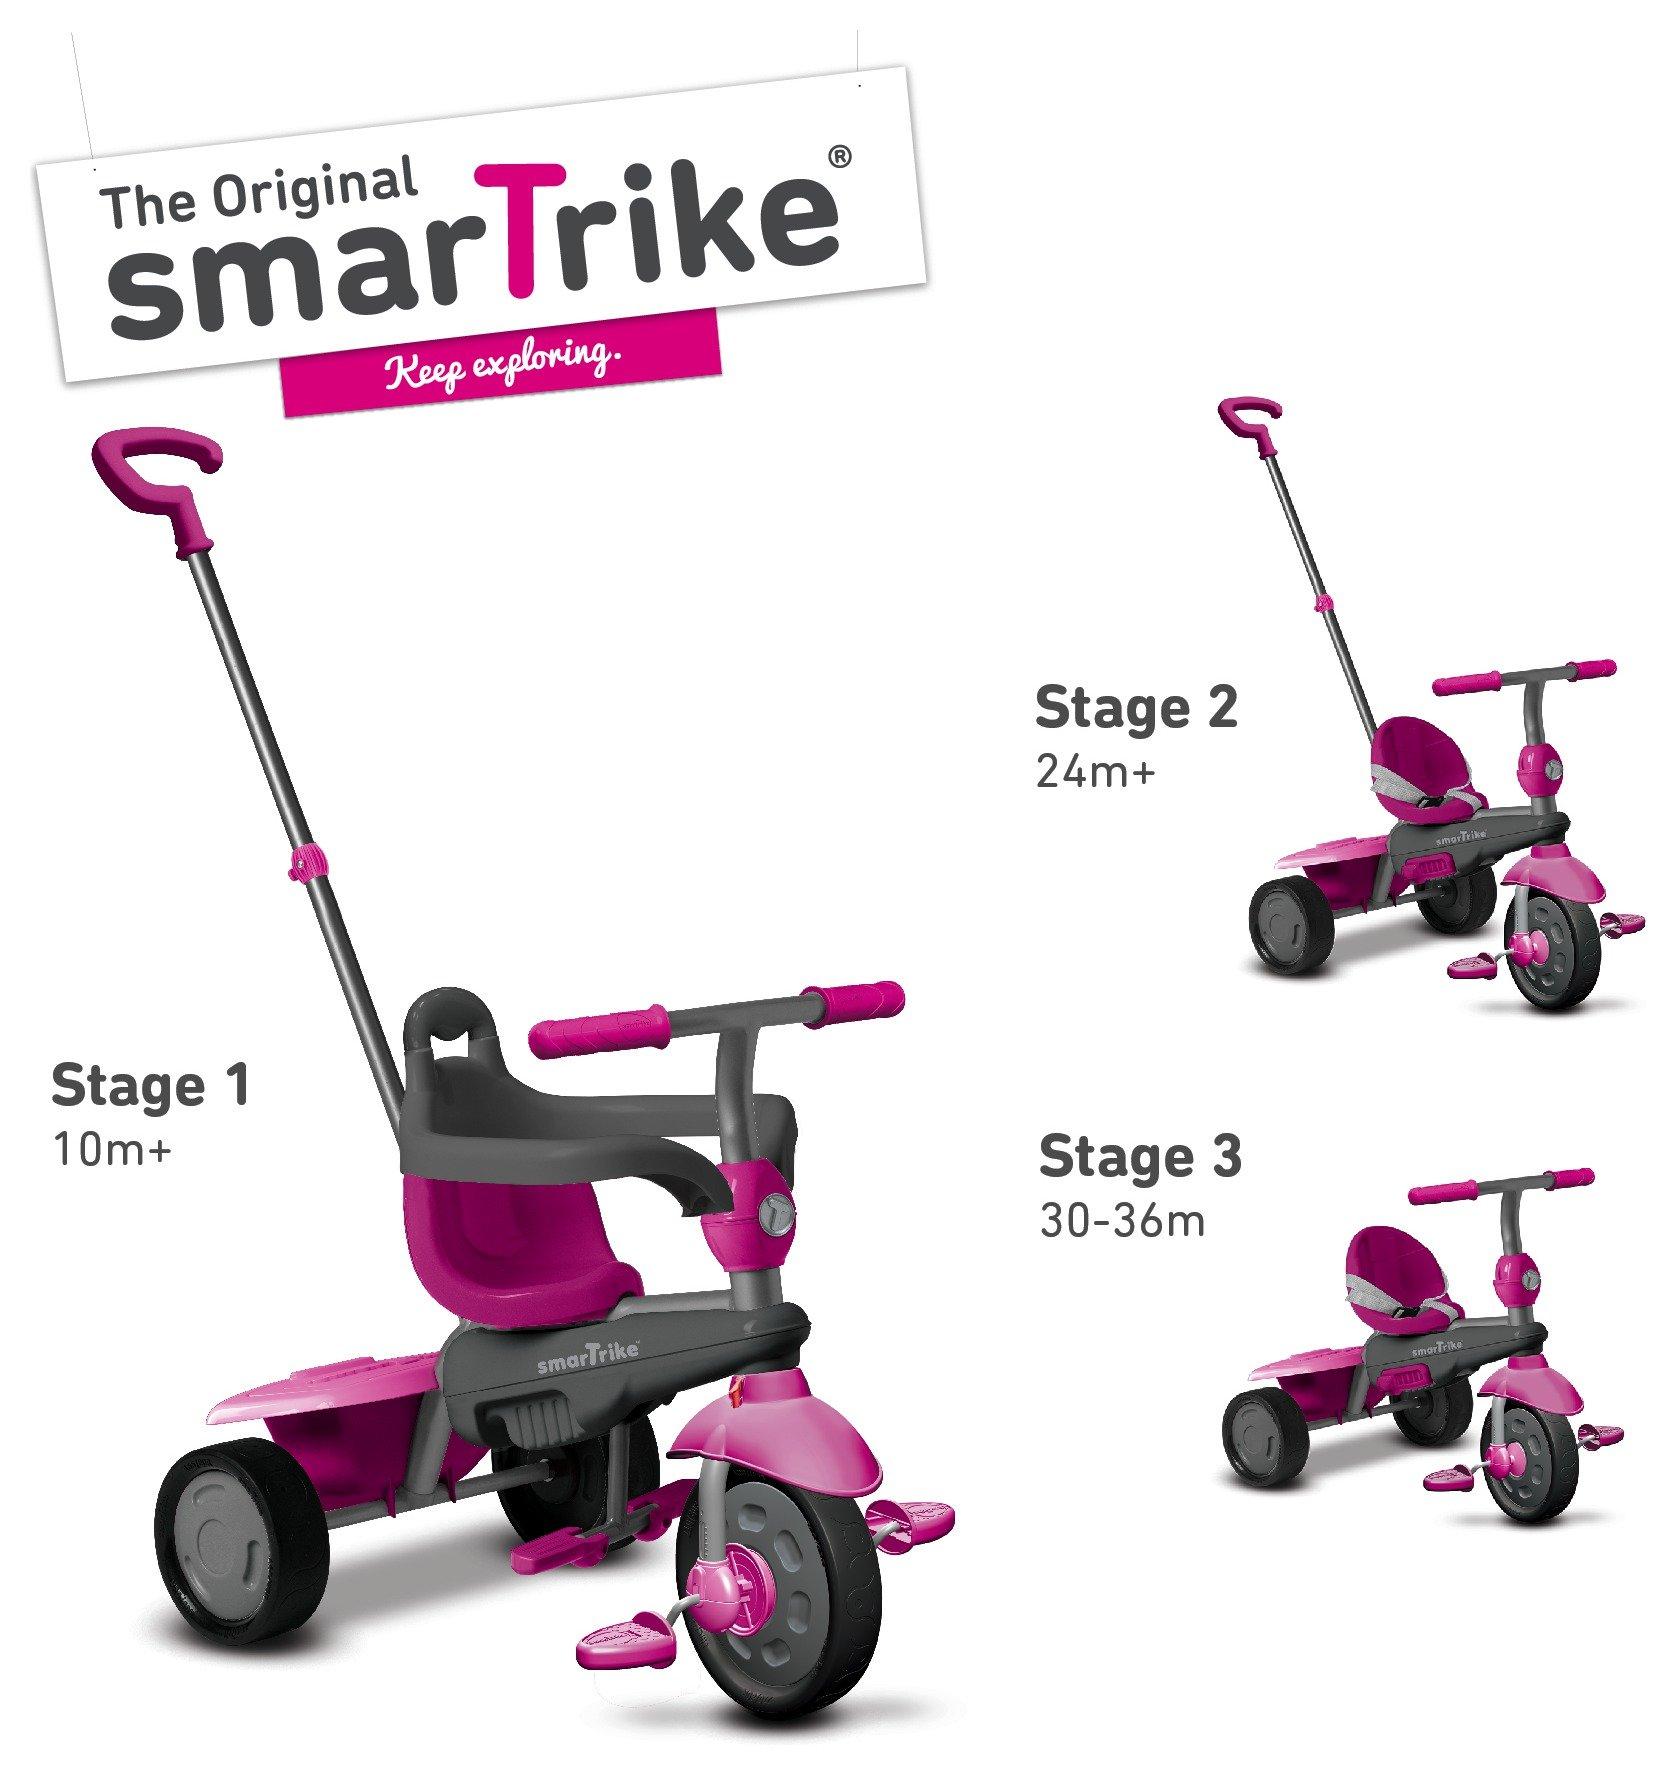 Smart Trike - Breeze 3-in-1 Trike  sc 1 st  Find It For Less & Smart Trike | Find It For Less islam-shia.org